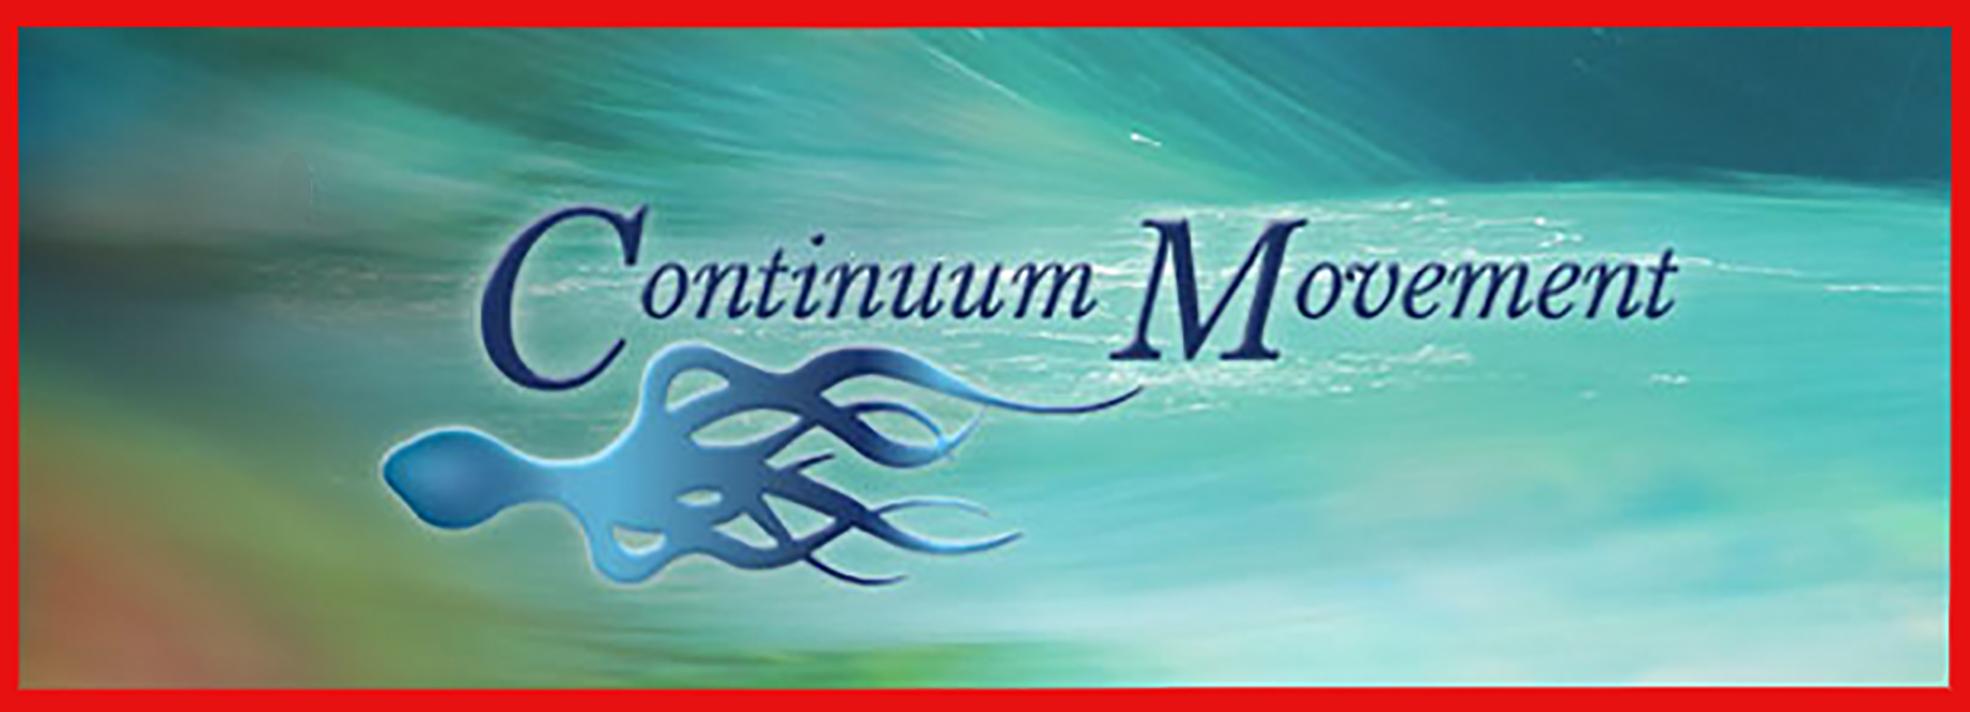 SS_Continuum-2.jpg